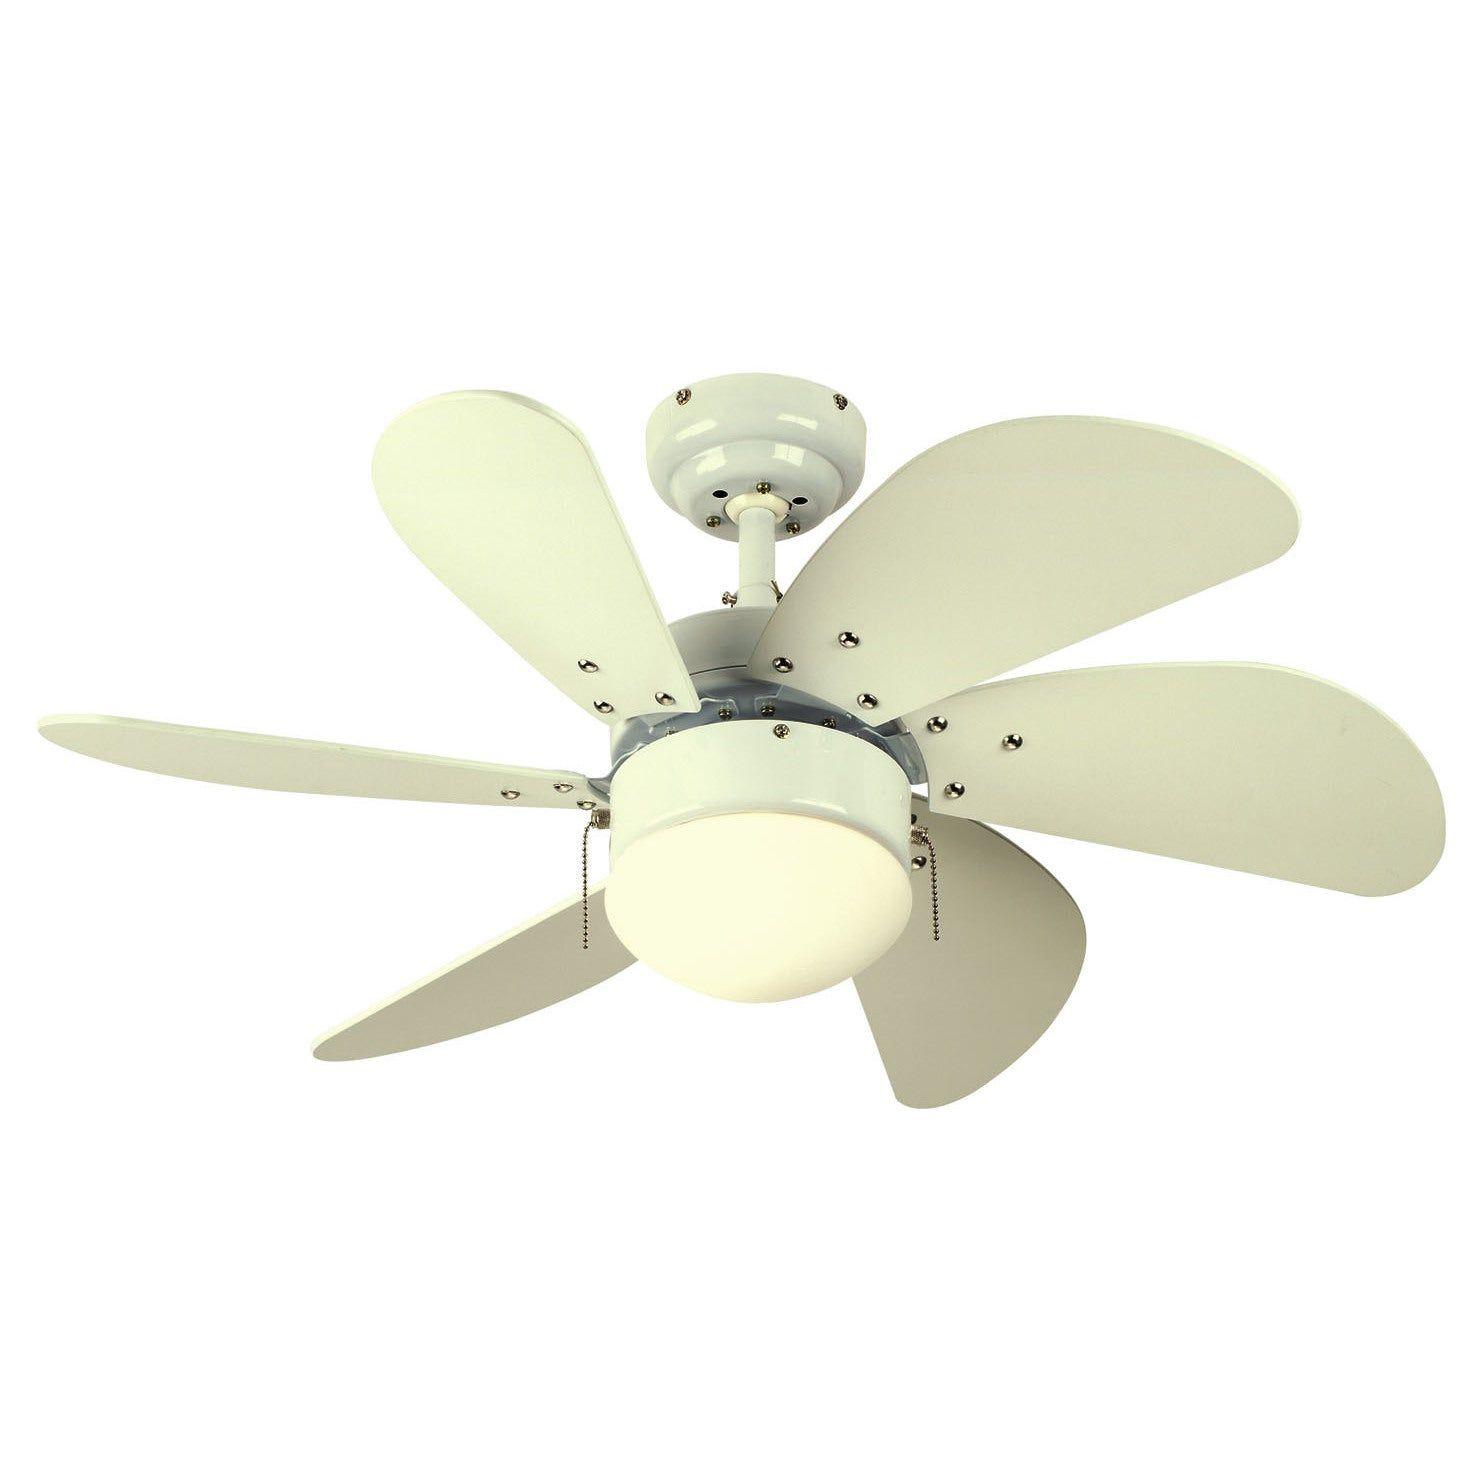 Ceiling Fans In 2021 Ceiling Fan Ceiling Fan Makeover Ceiling Fan Light Kit Single blade ceiling fan